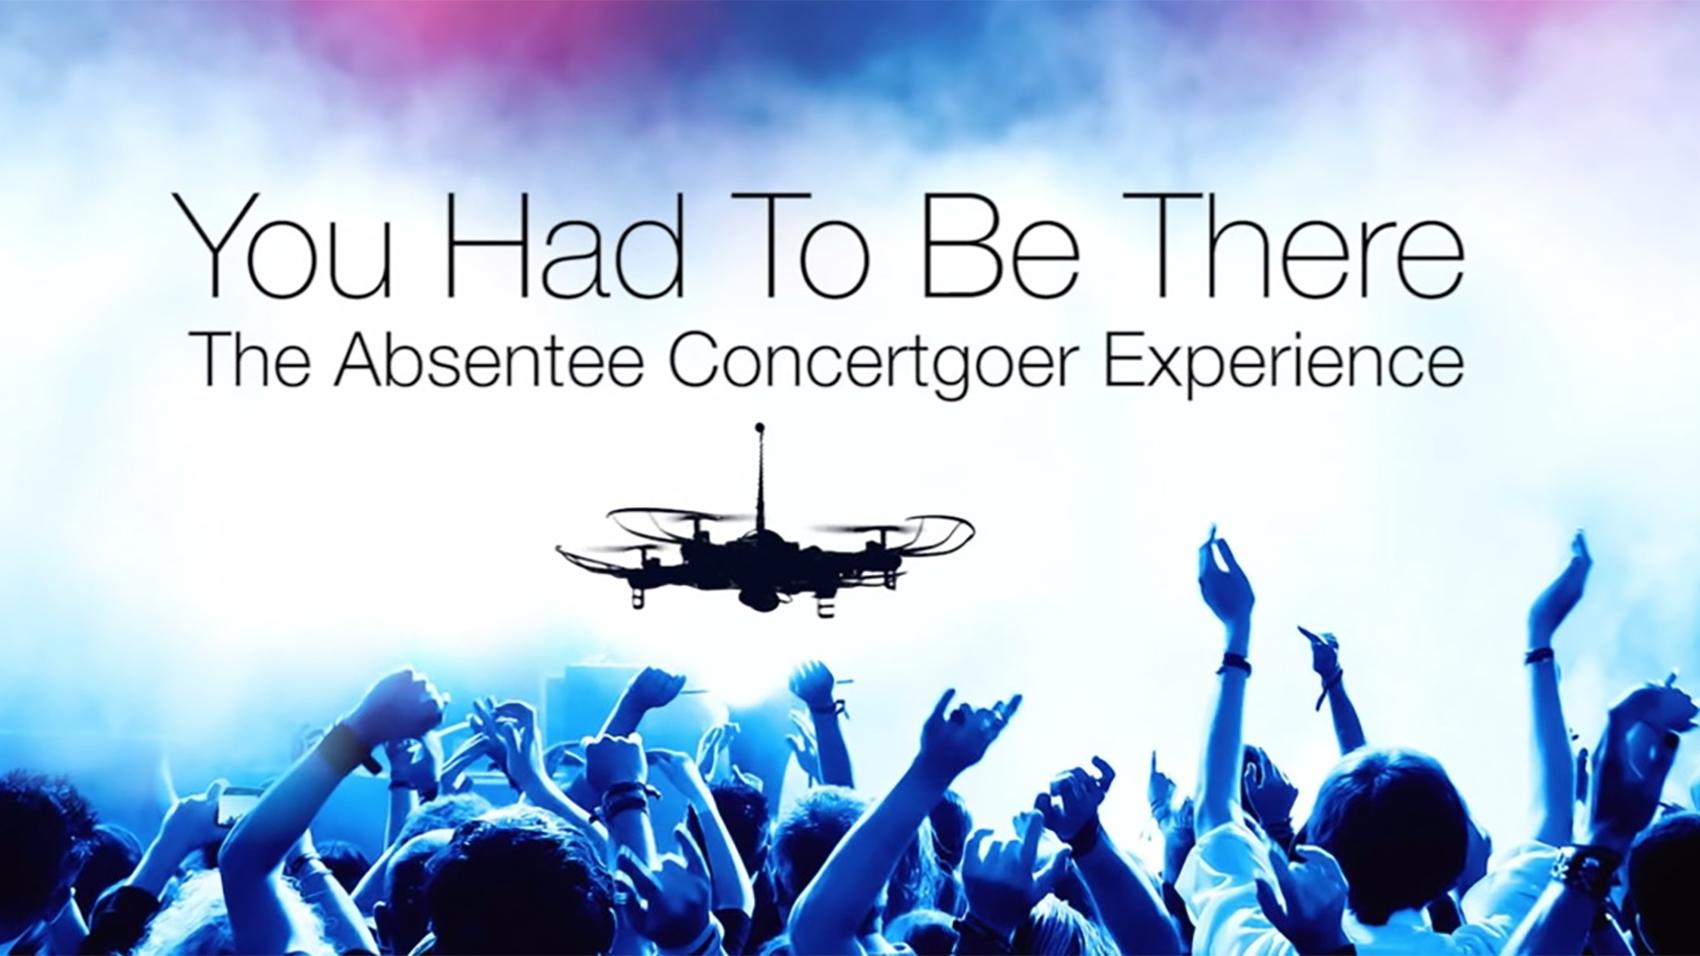 absentee-concert-goer